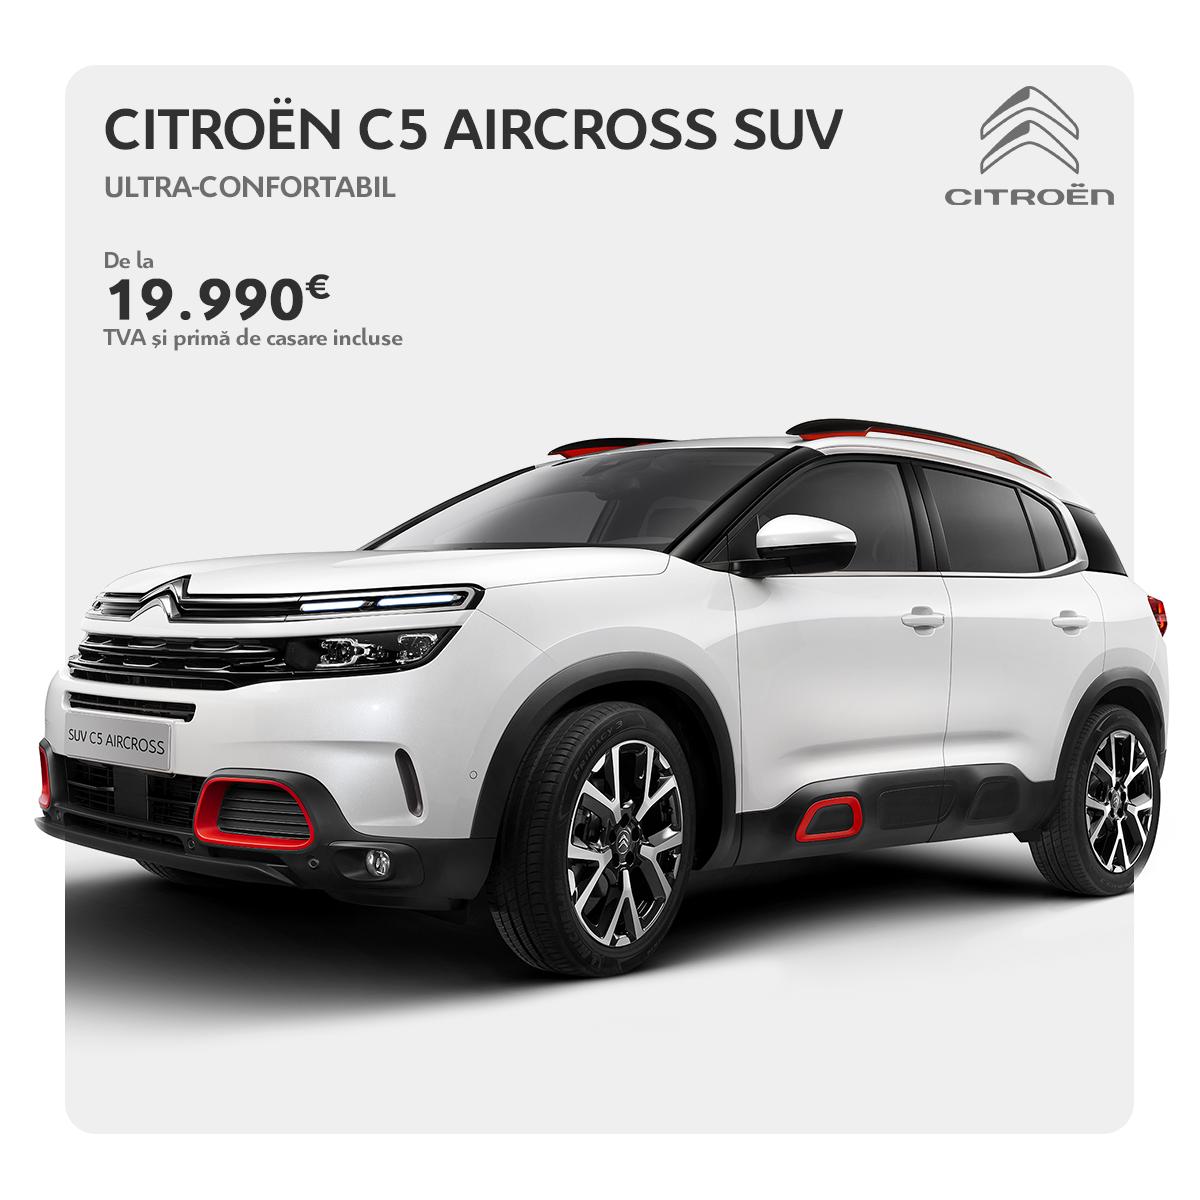 OFERTELE REMAT - Citroën C5 Aircross SUV